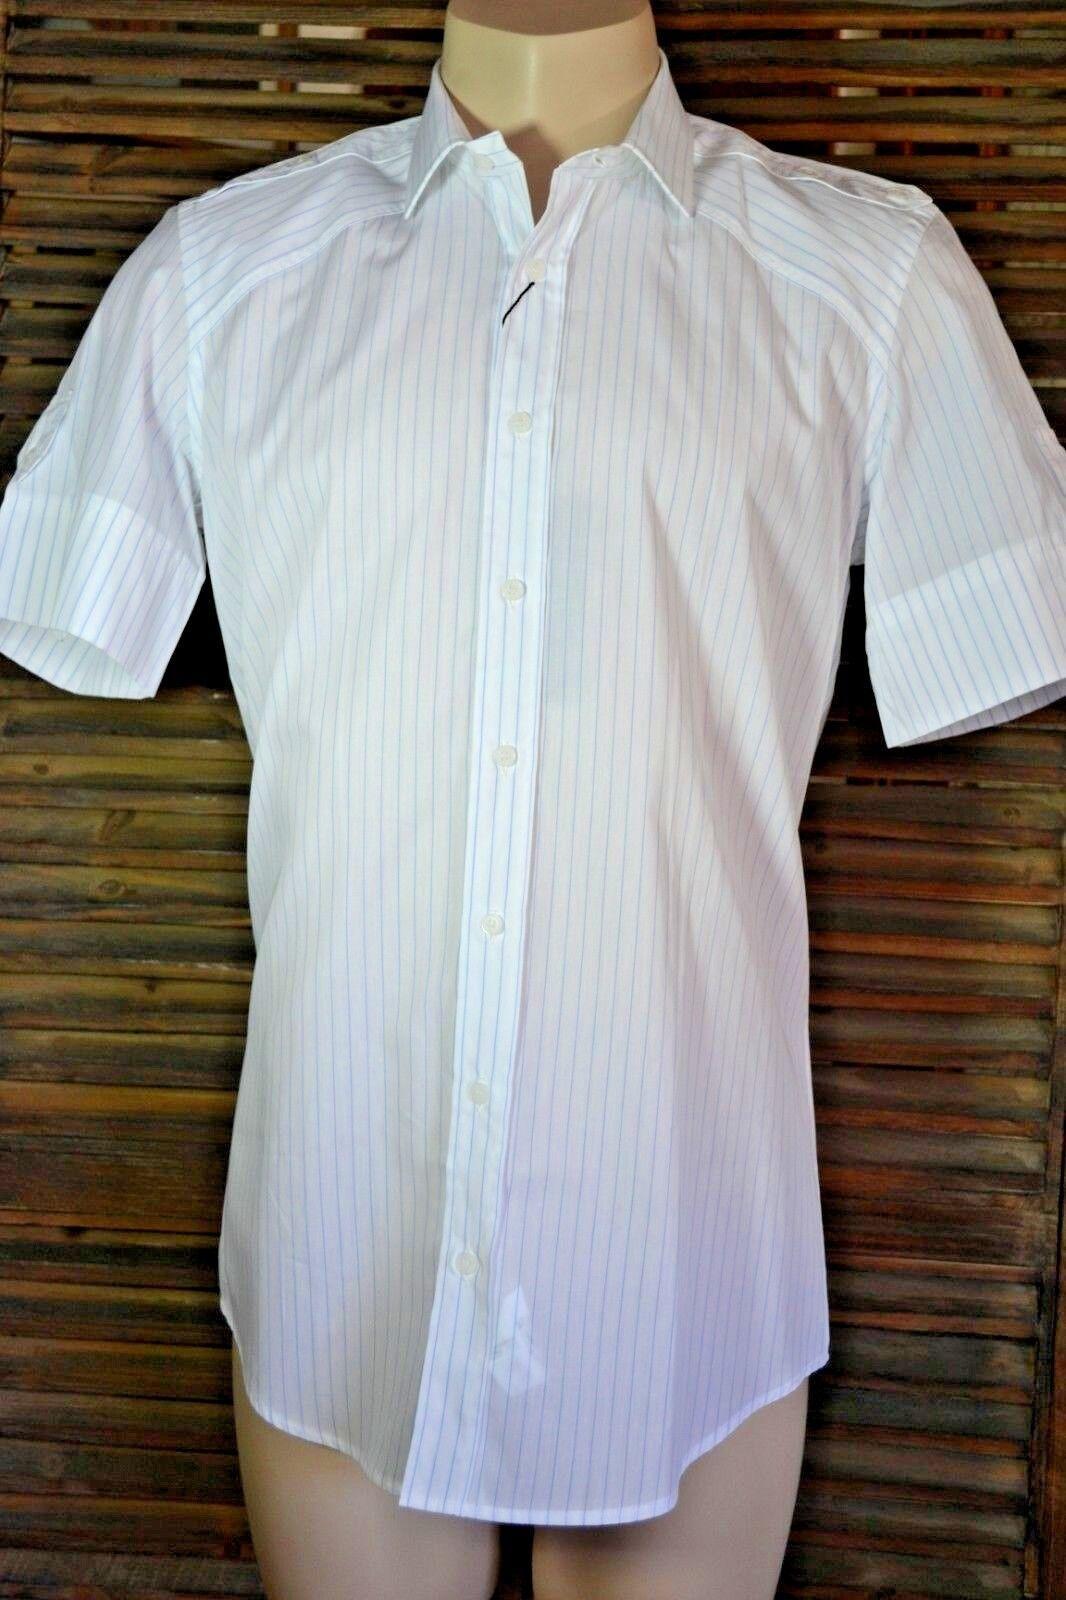 DOLCE & GABBANA D & G Hemd shirt chemise 15,1/2 / 39 / M  SLIM FIT neu  NEW